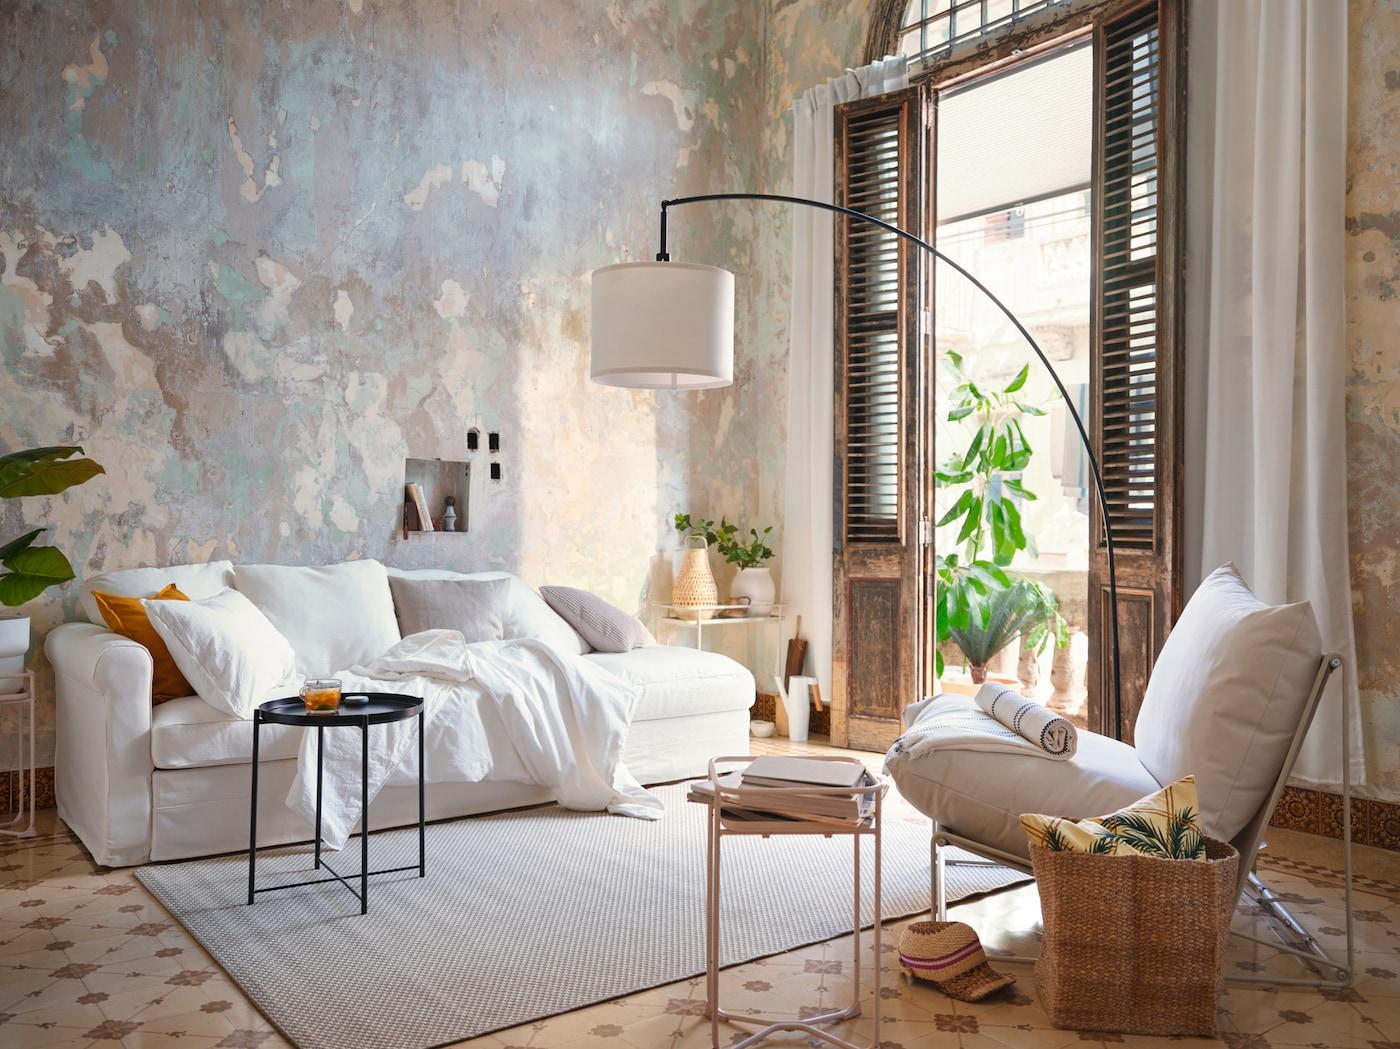 米灰色的空间内摆放着白色沙发、散落的软垫、黑色边桌和白色休闲椅。